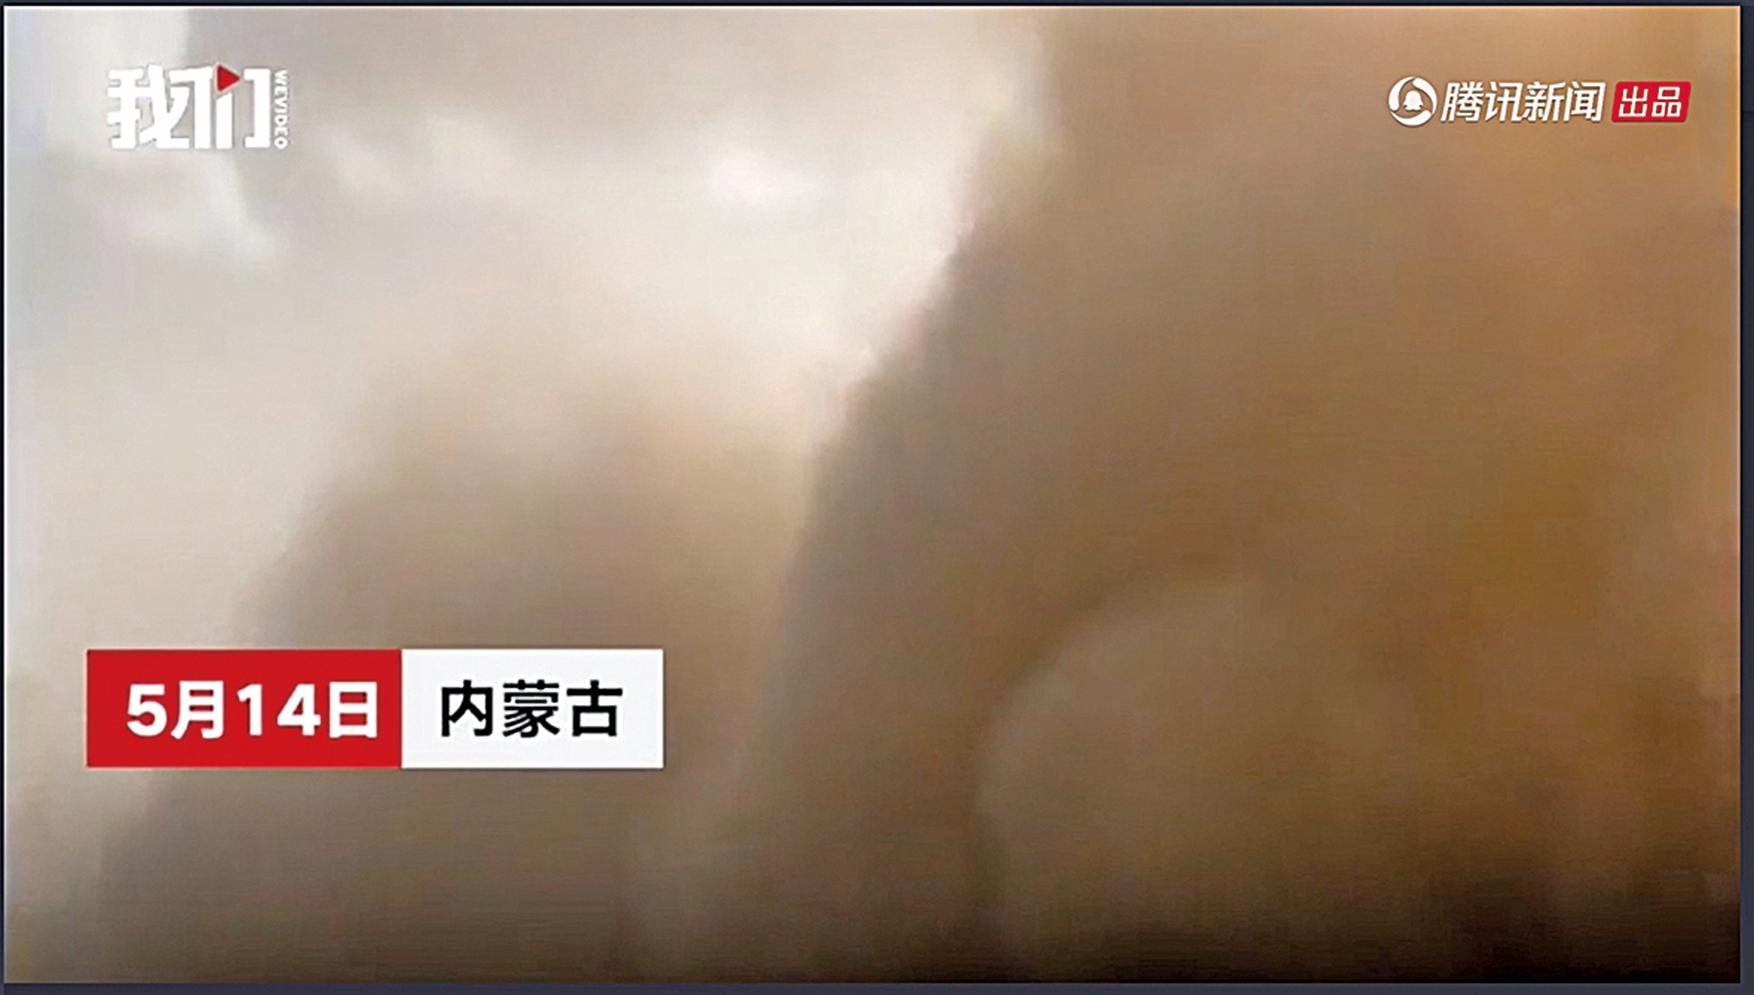 內蒙中部出現強沙塵暴,沙塵滾滾。(視頻截圖)